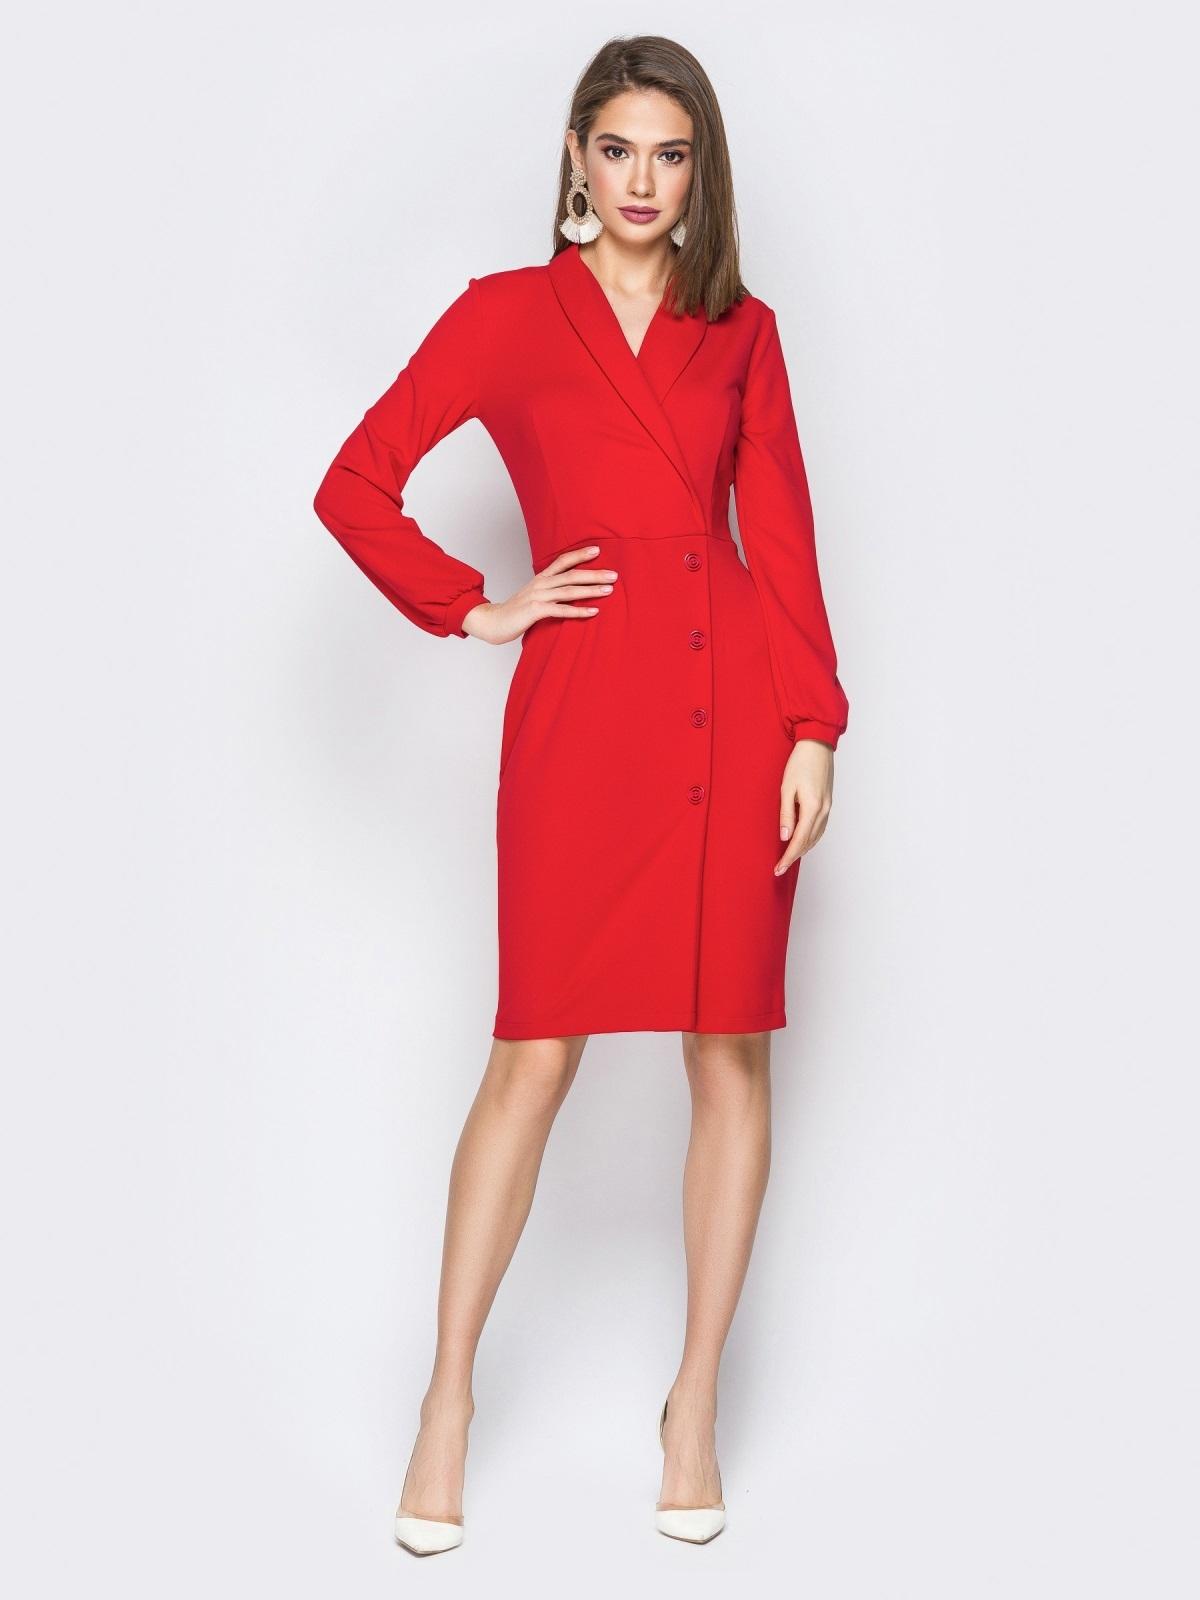 d4bd4239c69 Красное платье отрезное по талии с фиксированным запахом 20005 ...